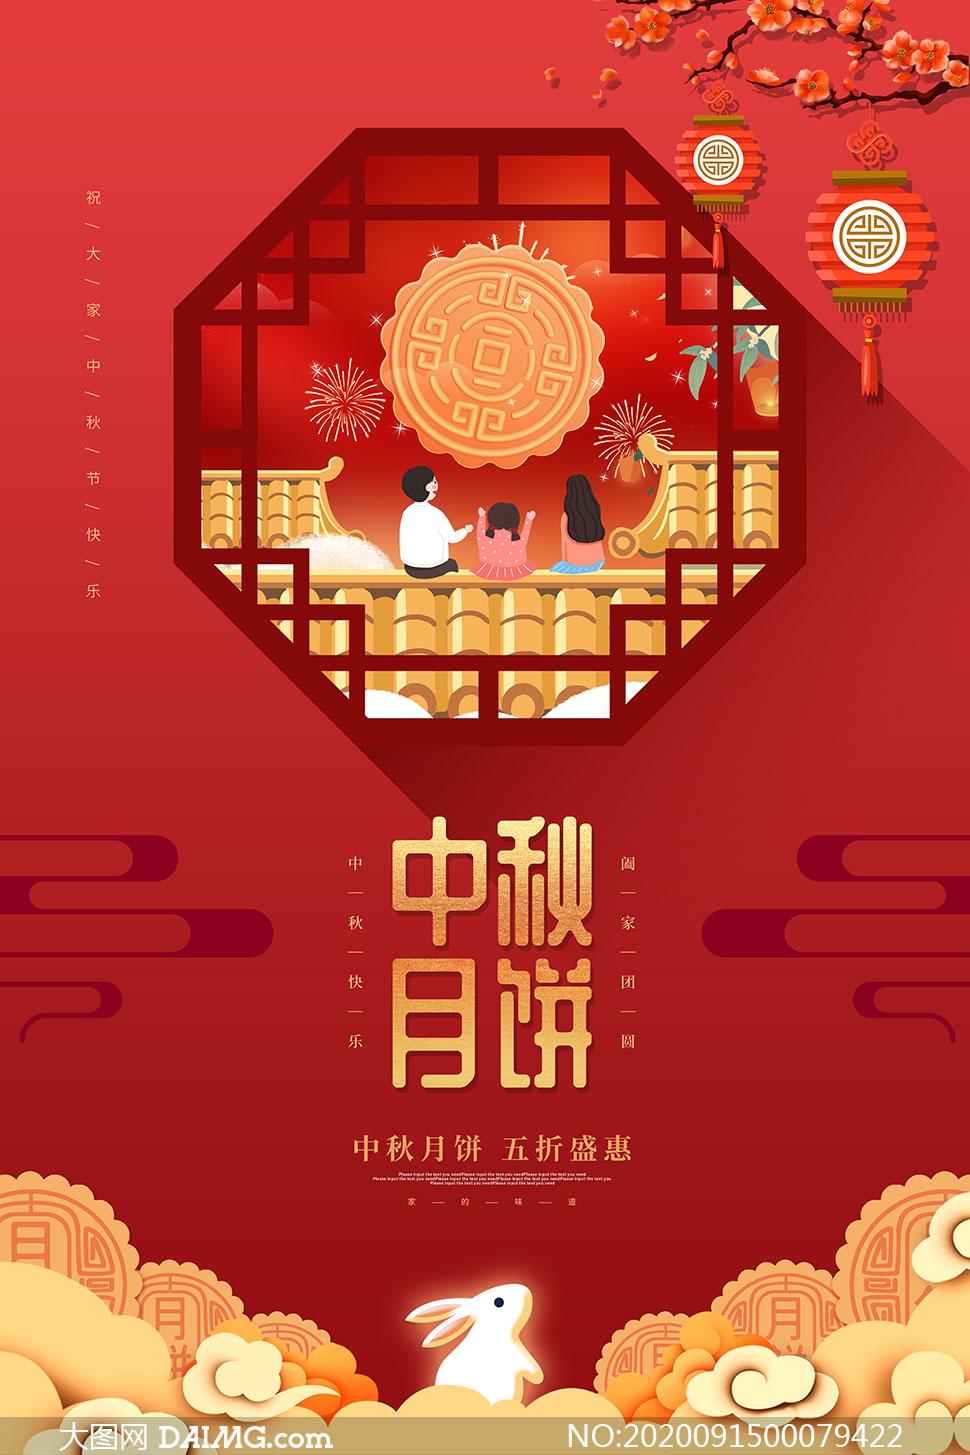 中秋节月饼促销海报模板PSD源文件